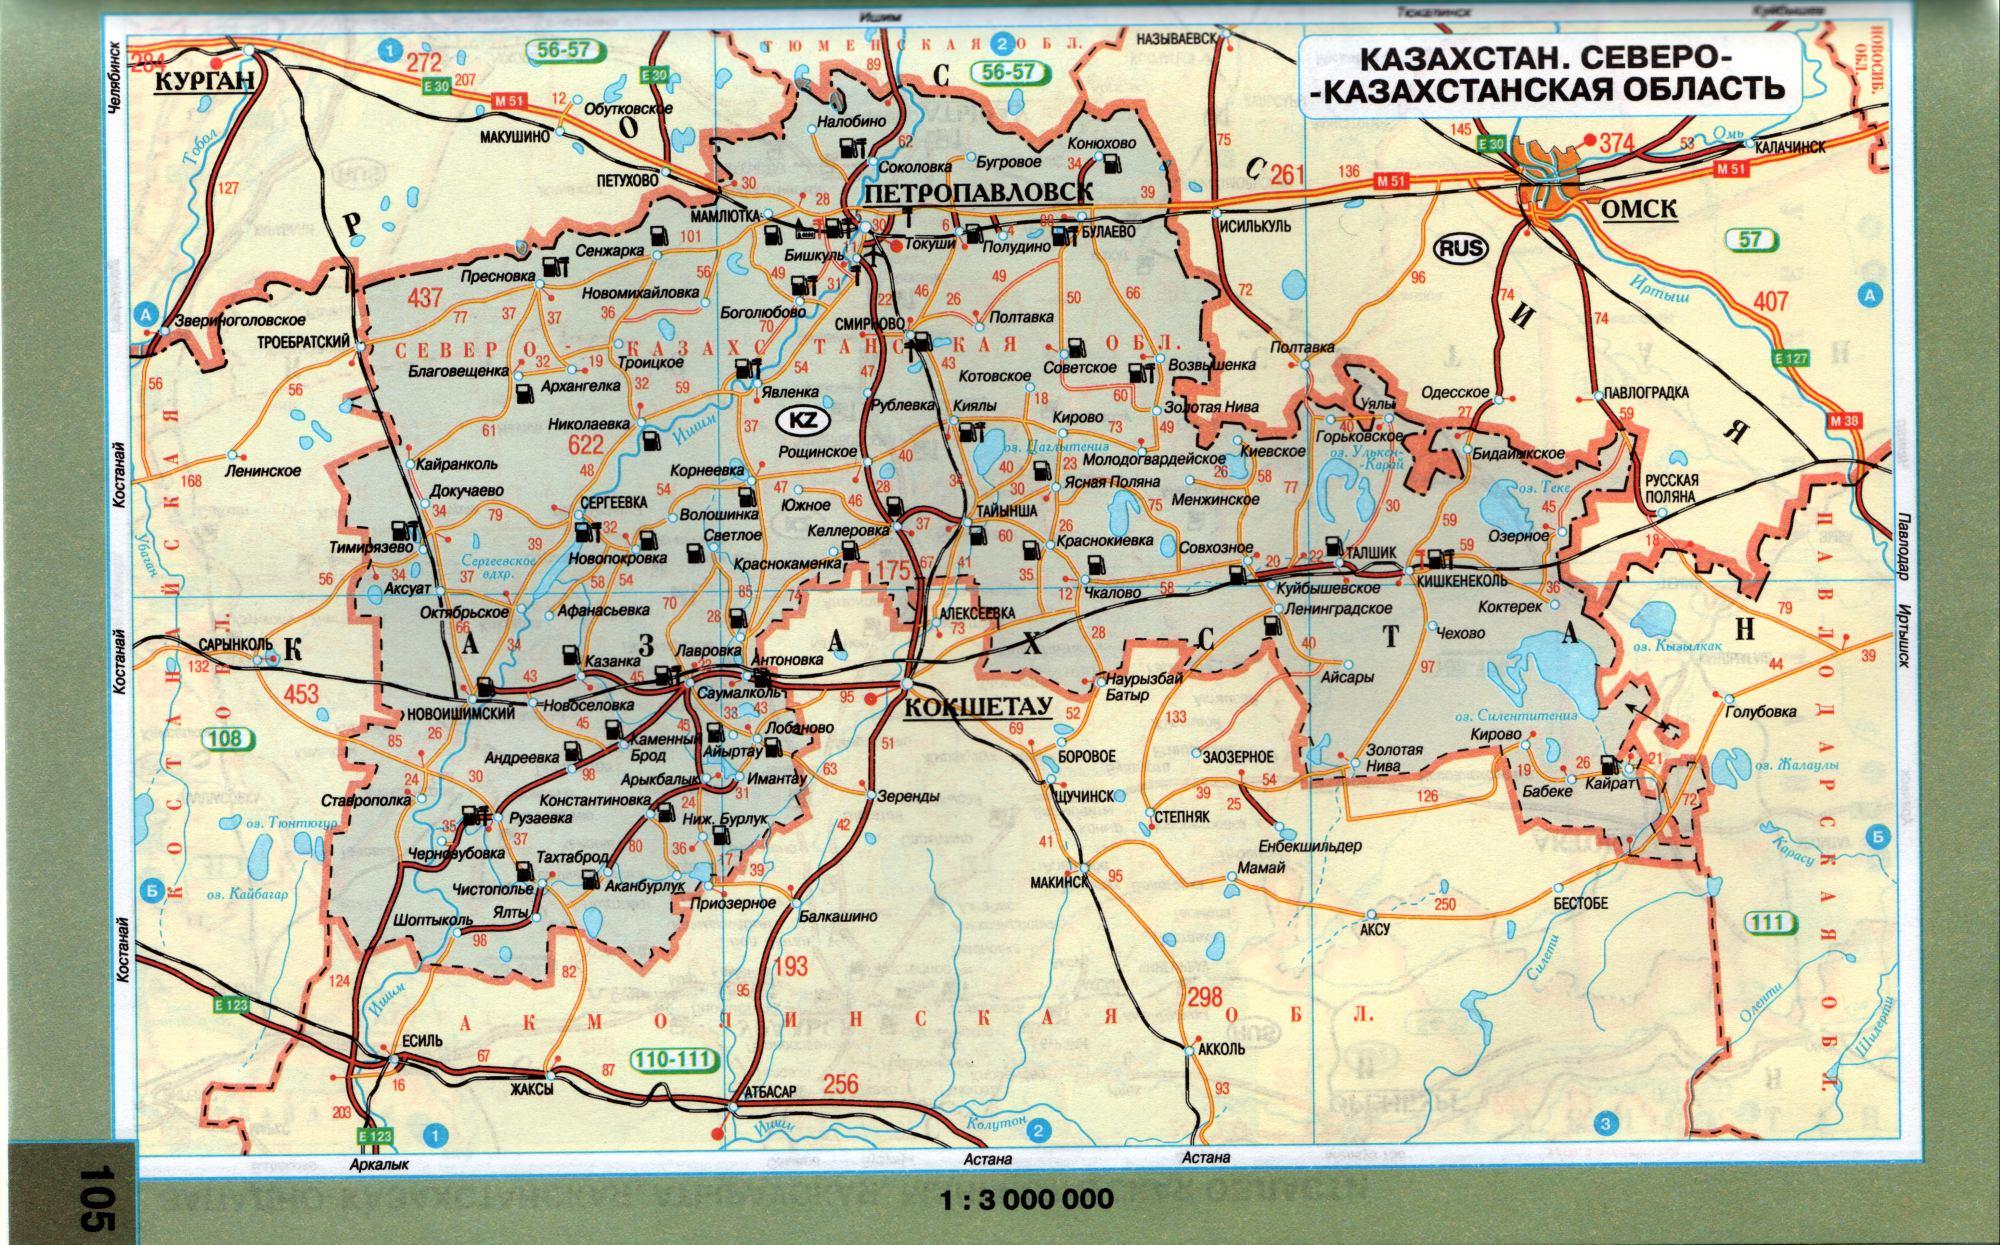 Петропавловск, Кокчетав - карта схема автомобильных дорог Казахстана.  Скачать карту Казахстана.